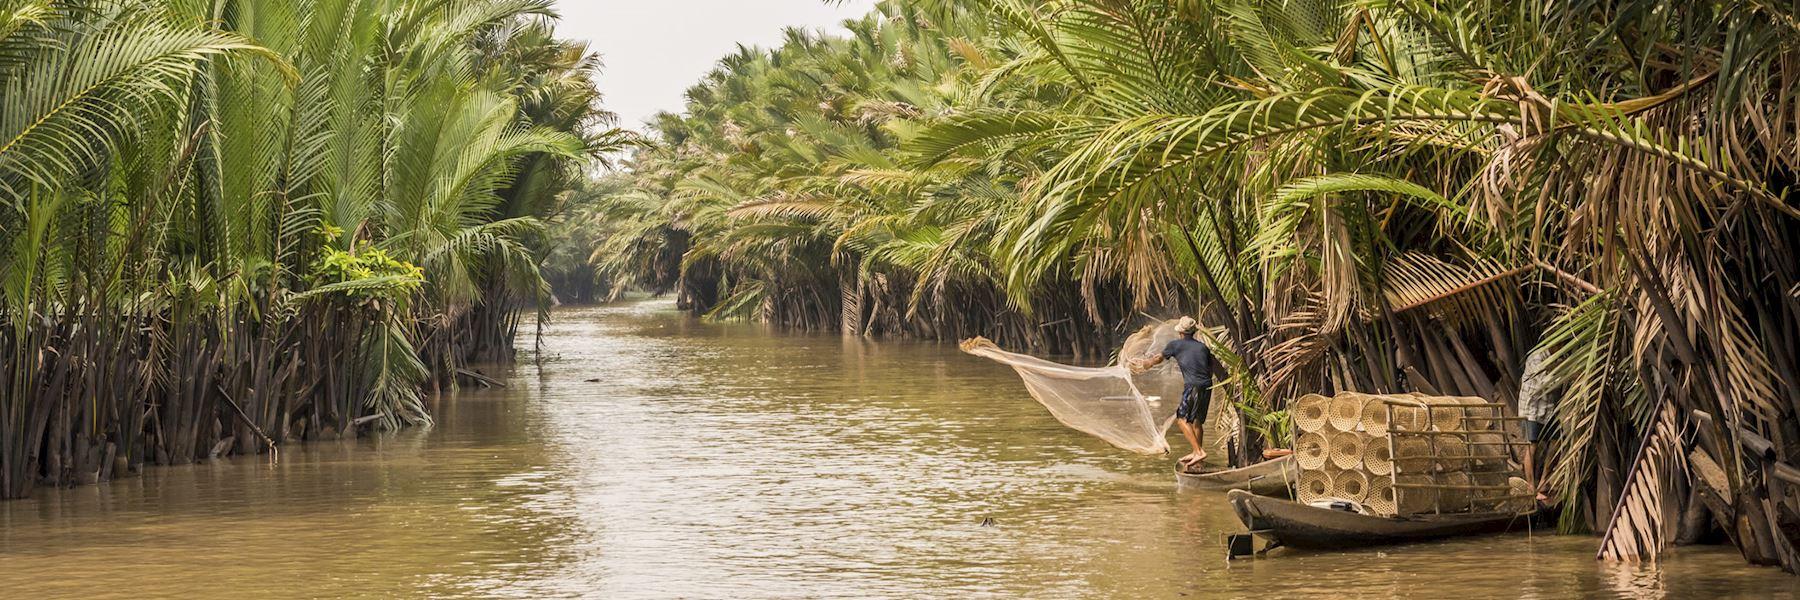 Visit Mekong Delta, Vietnam